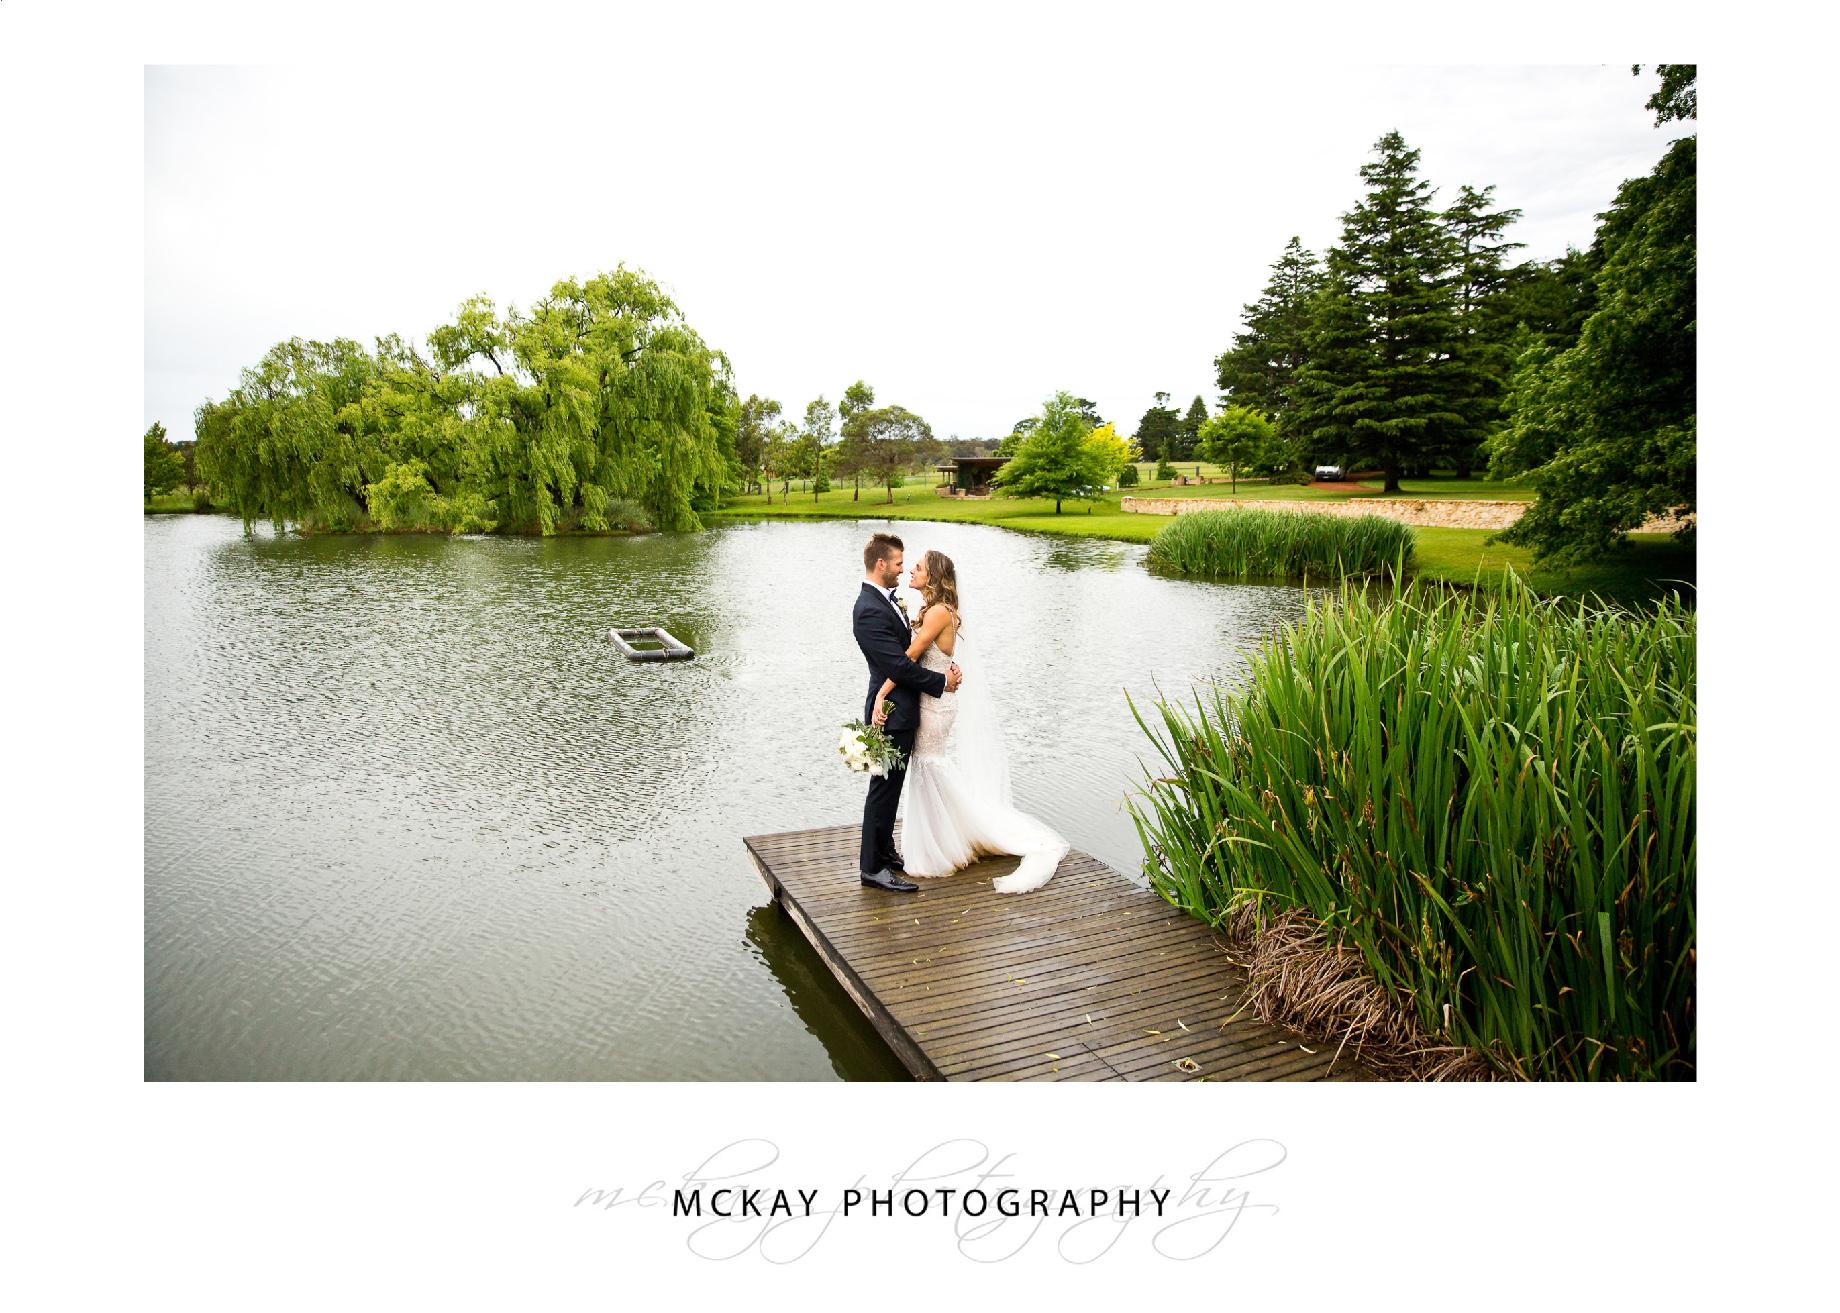 Lakeside photos at Bendooley